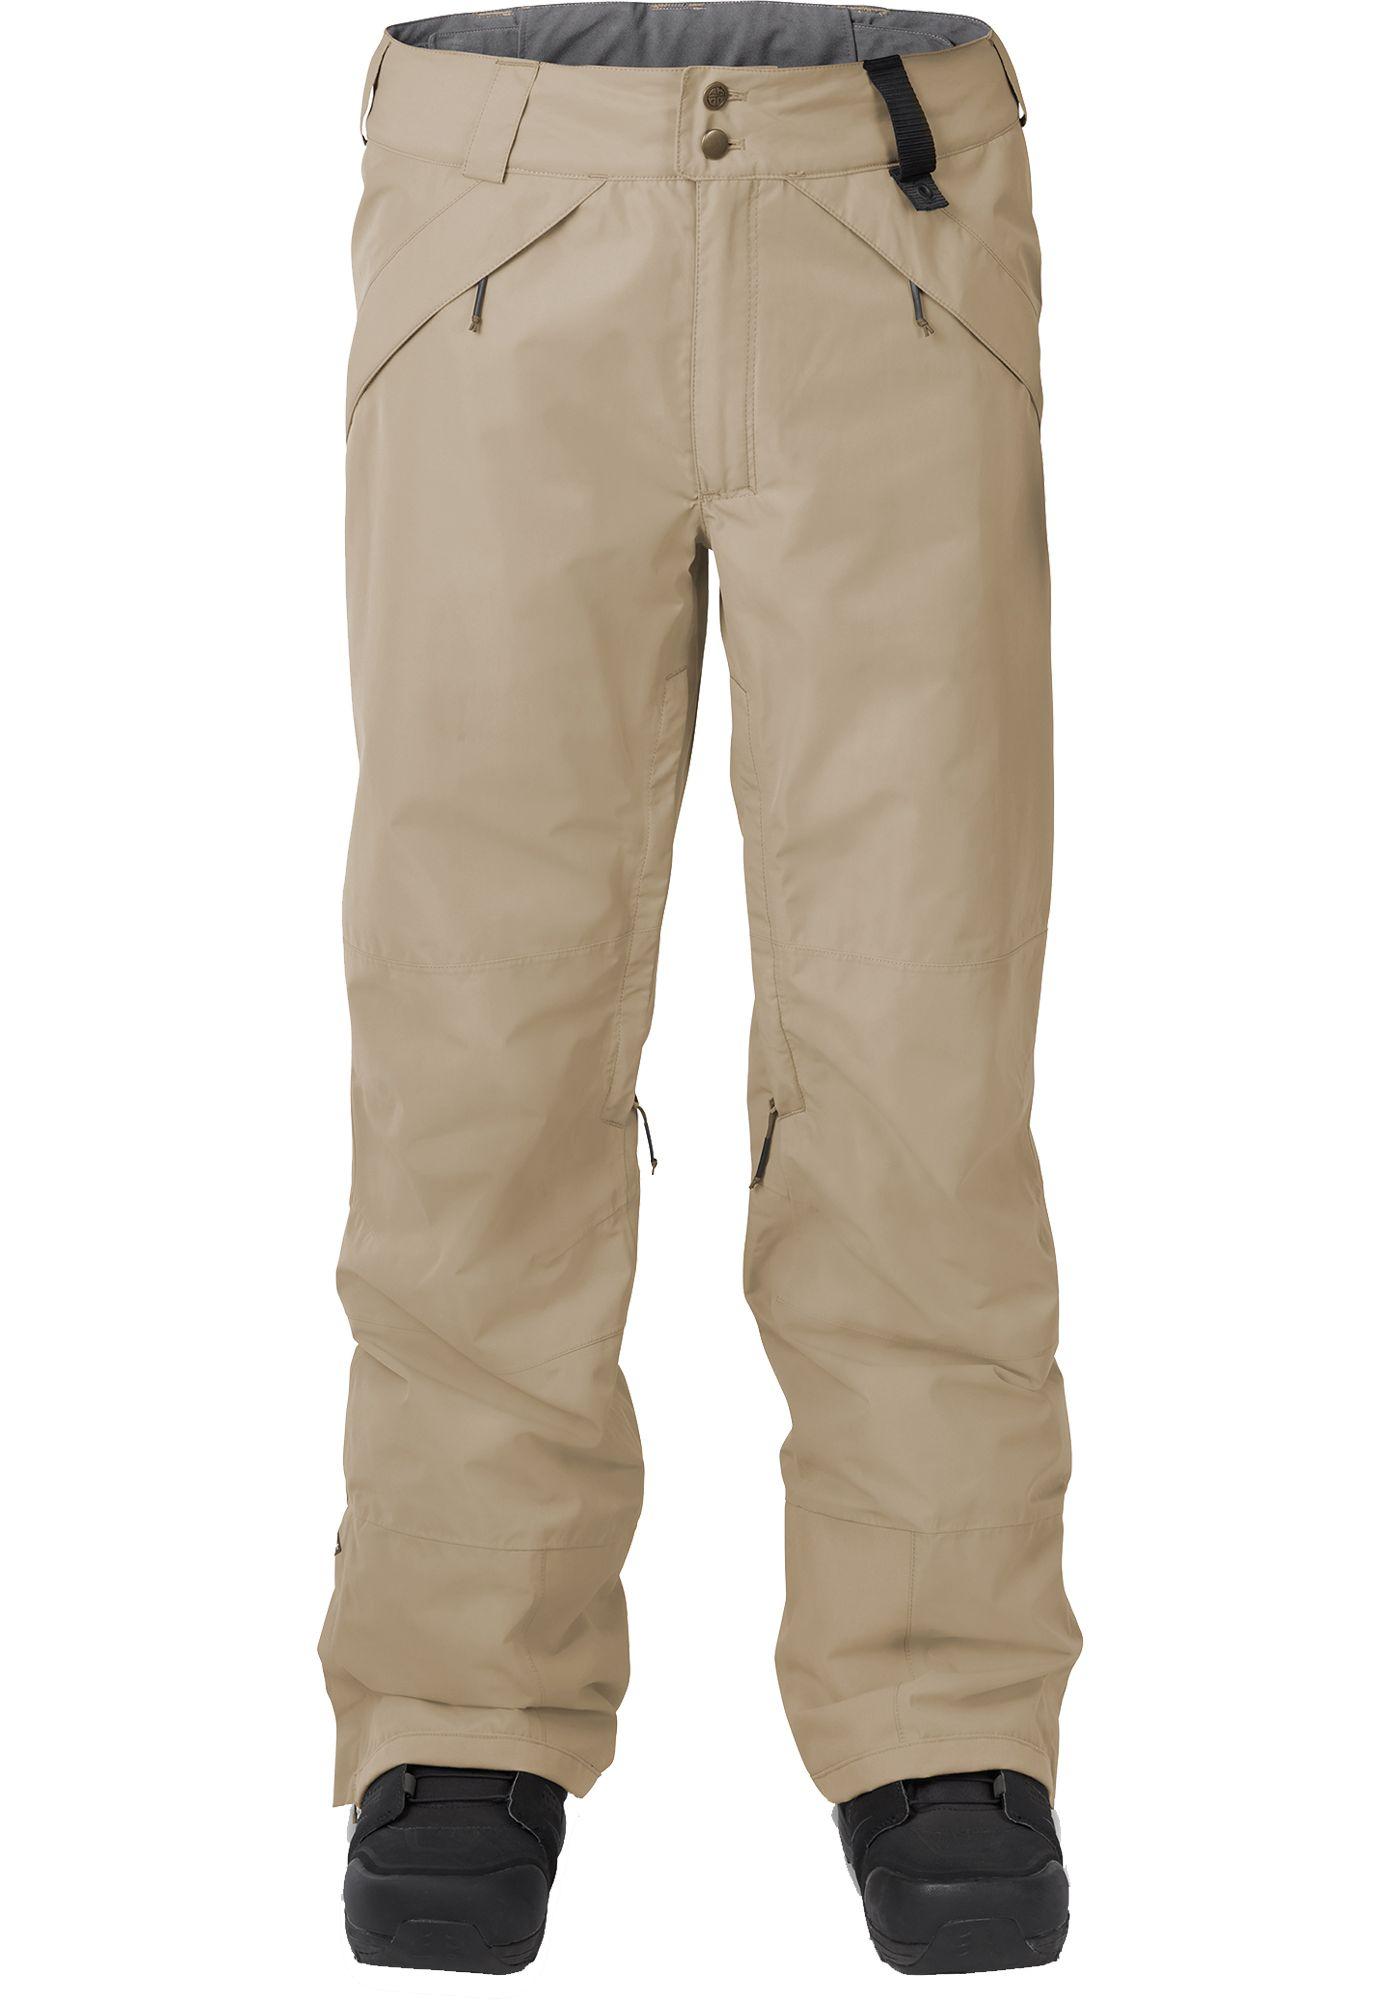 DAKINE Men's Smyth Pure GORE-TEX 2L Snow Pants